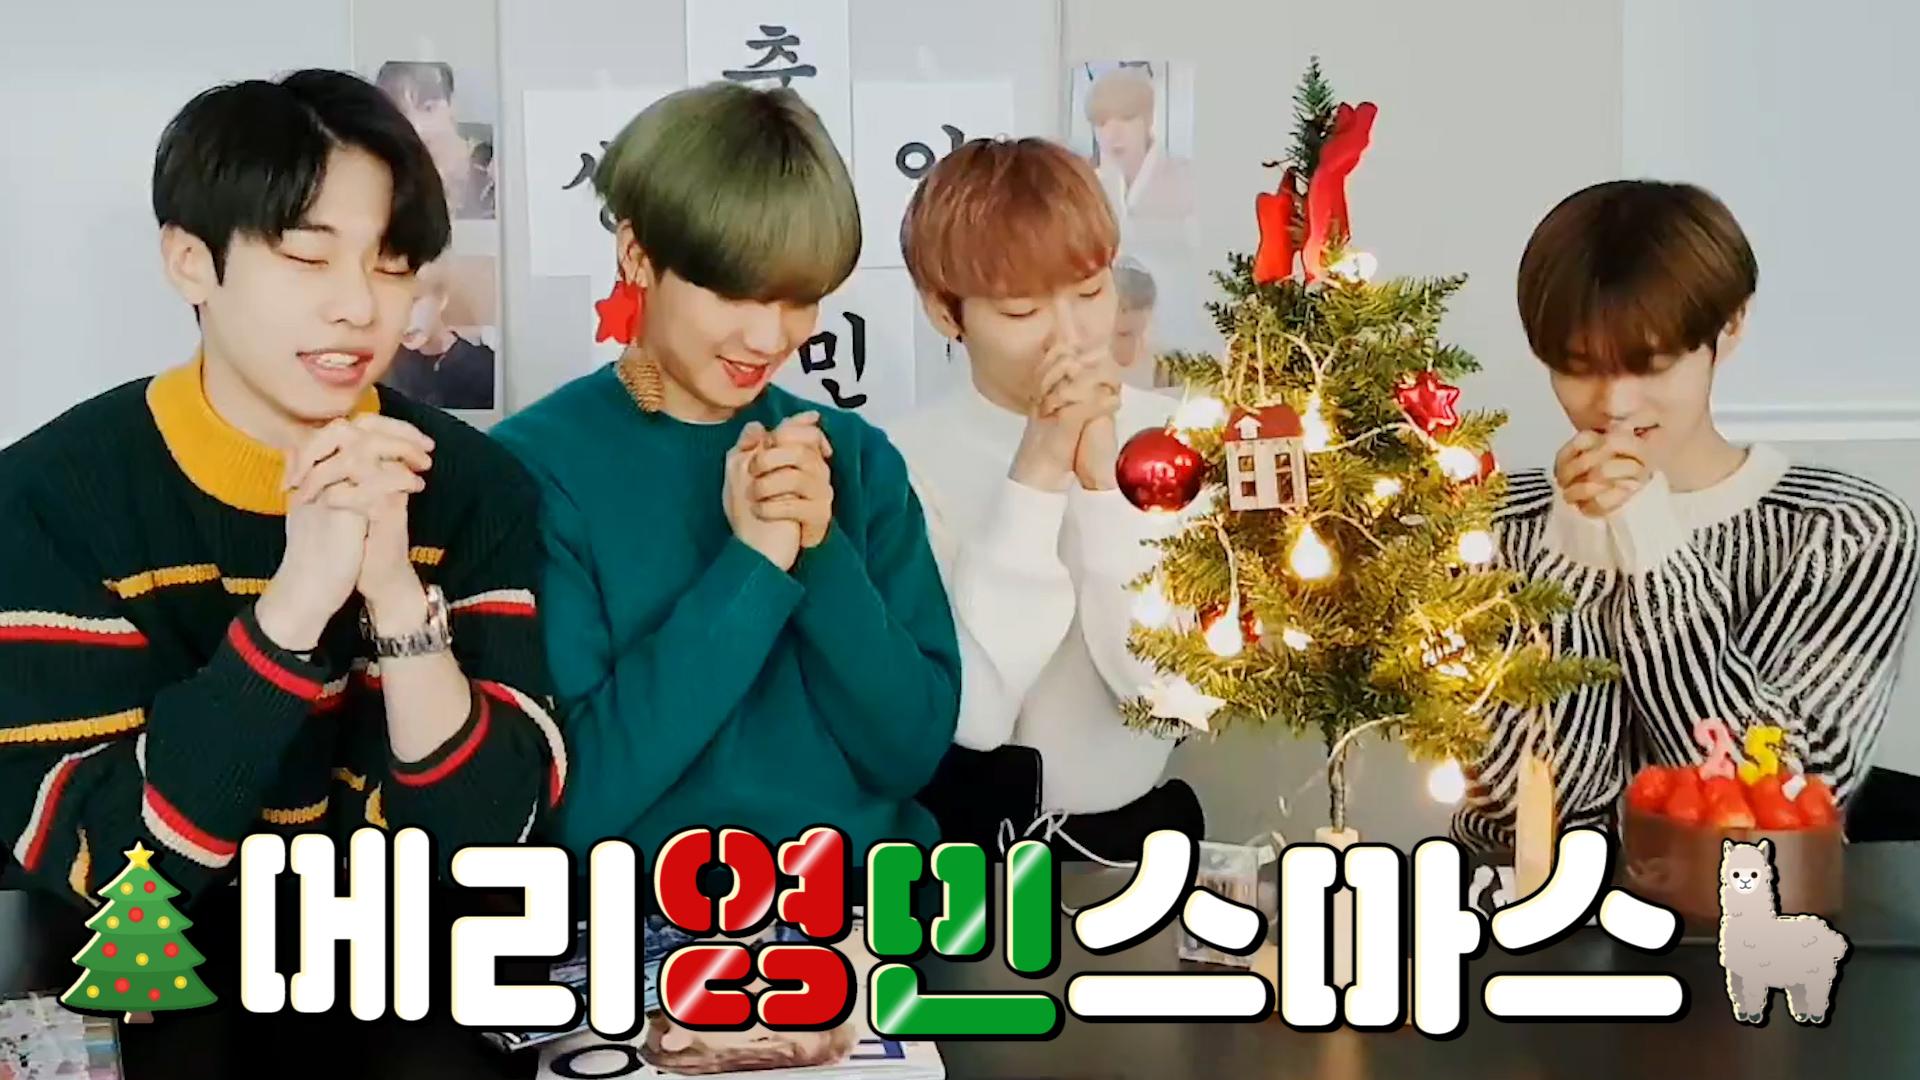 [AB6IX] 메리영민스마스🎅❤ 크리스마스 보이와 함께라면 오늘도 사랑해~💕 (HAPPY YOUNGMIN DAY!+1)